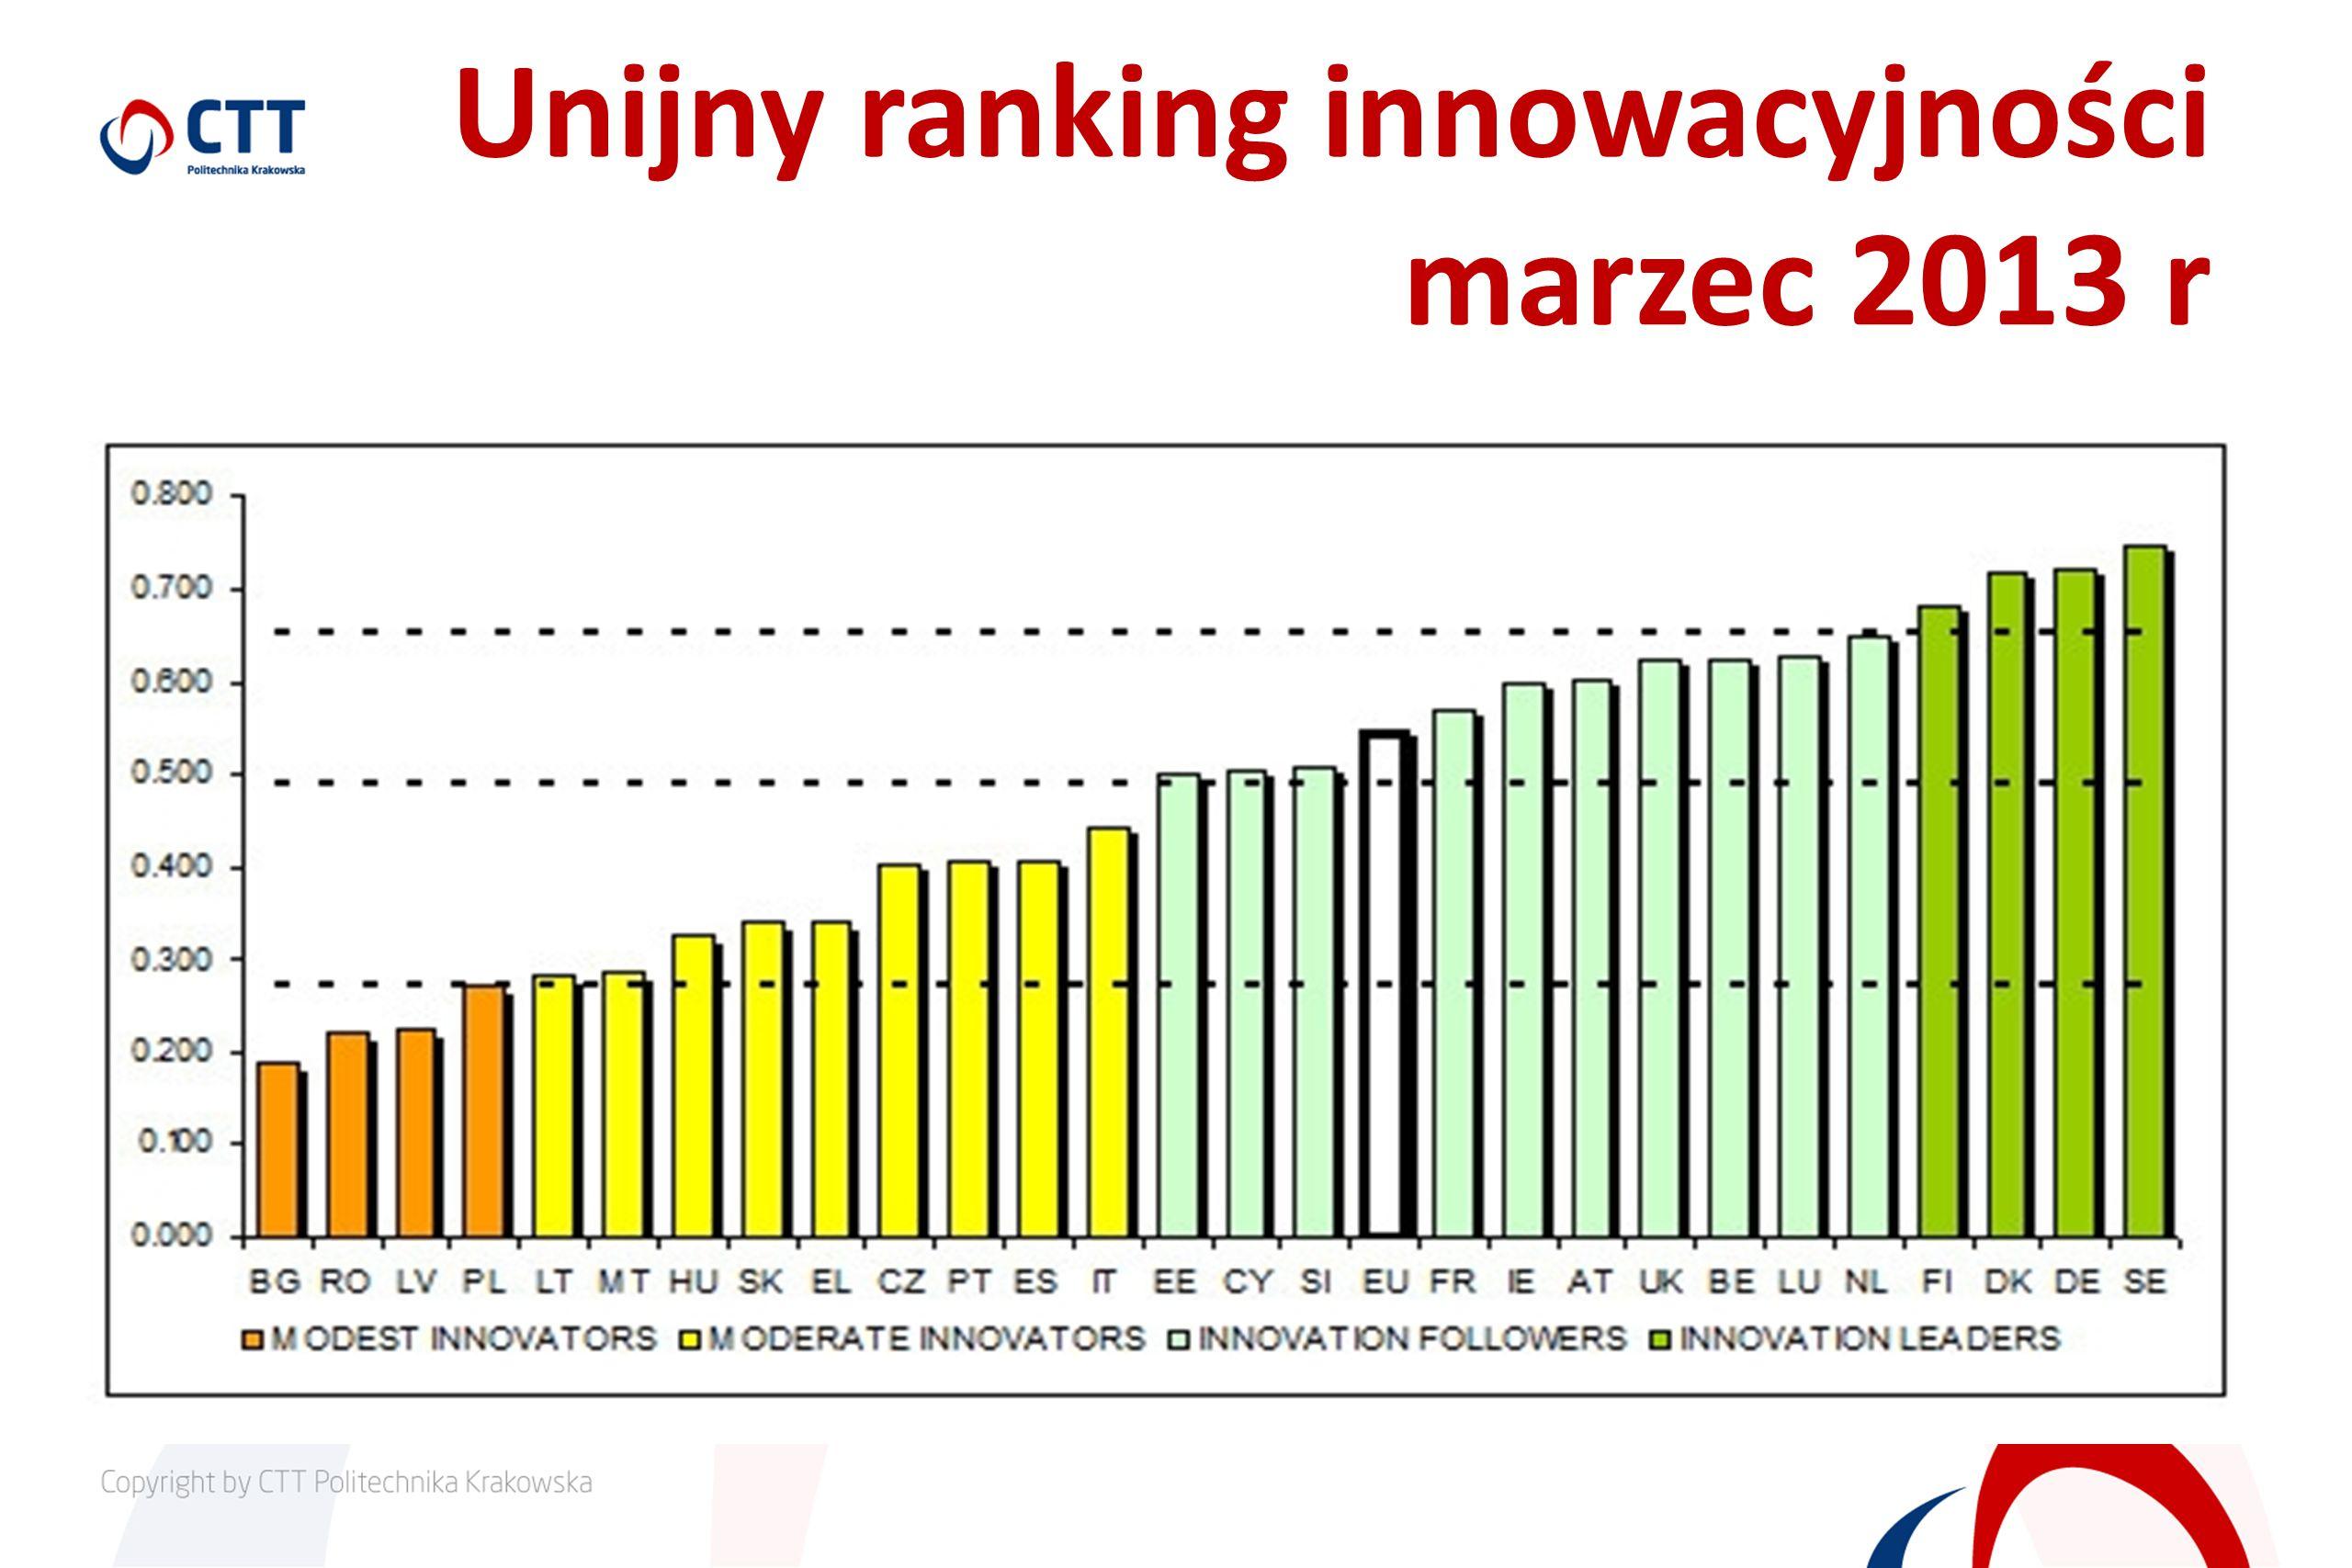 Unijny ranking innowacyjności marzec 2013 r